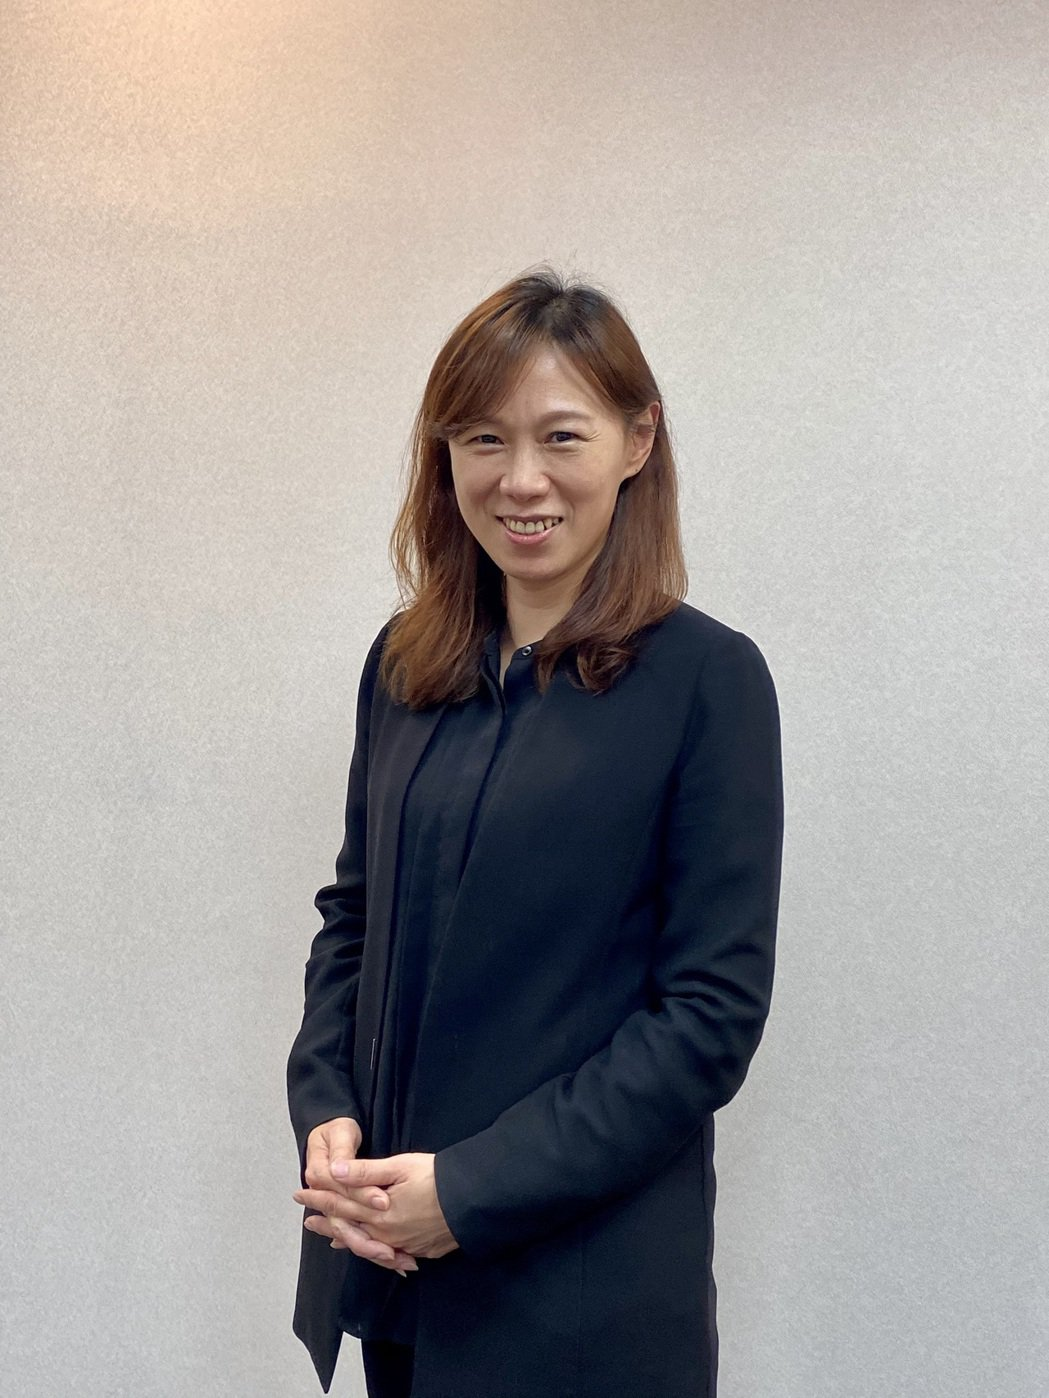 綠界科技今日舉行法說會,圖為綠界科技董事長林雪慧。  記者康陳剛/攝影